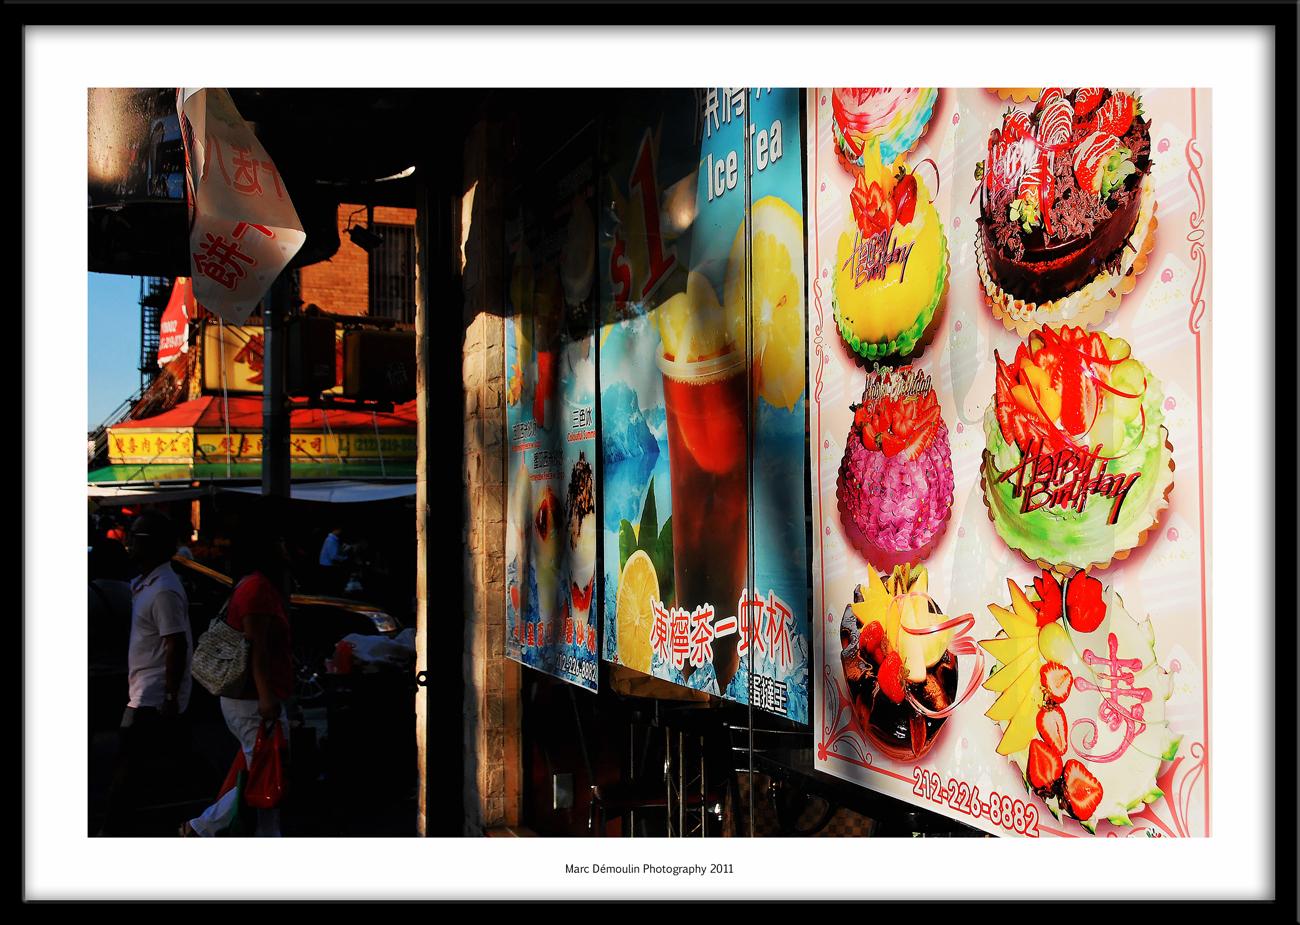 Chinatown, New-York, USA 2011